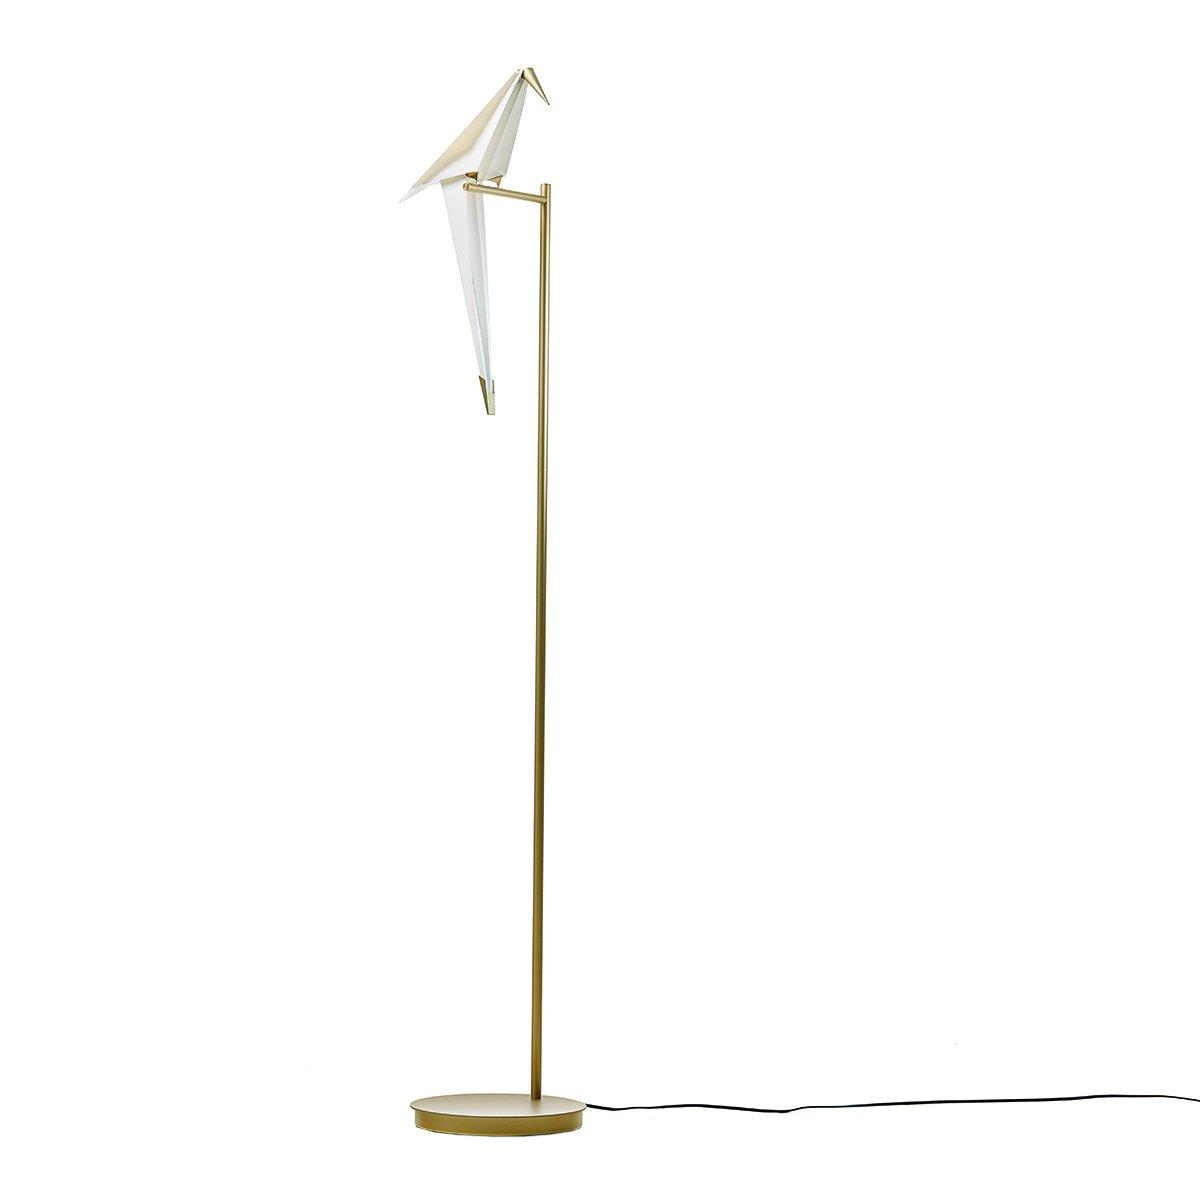 Moooi Perch Vloerlamp